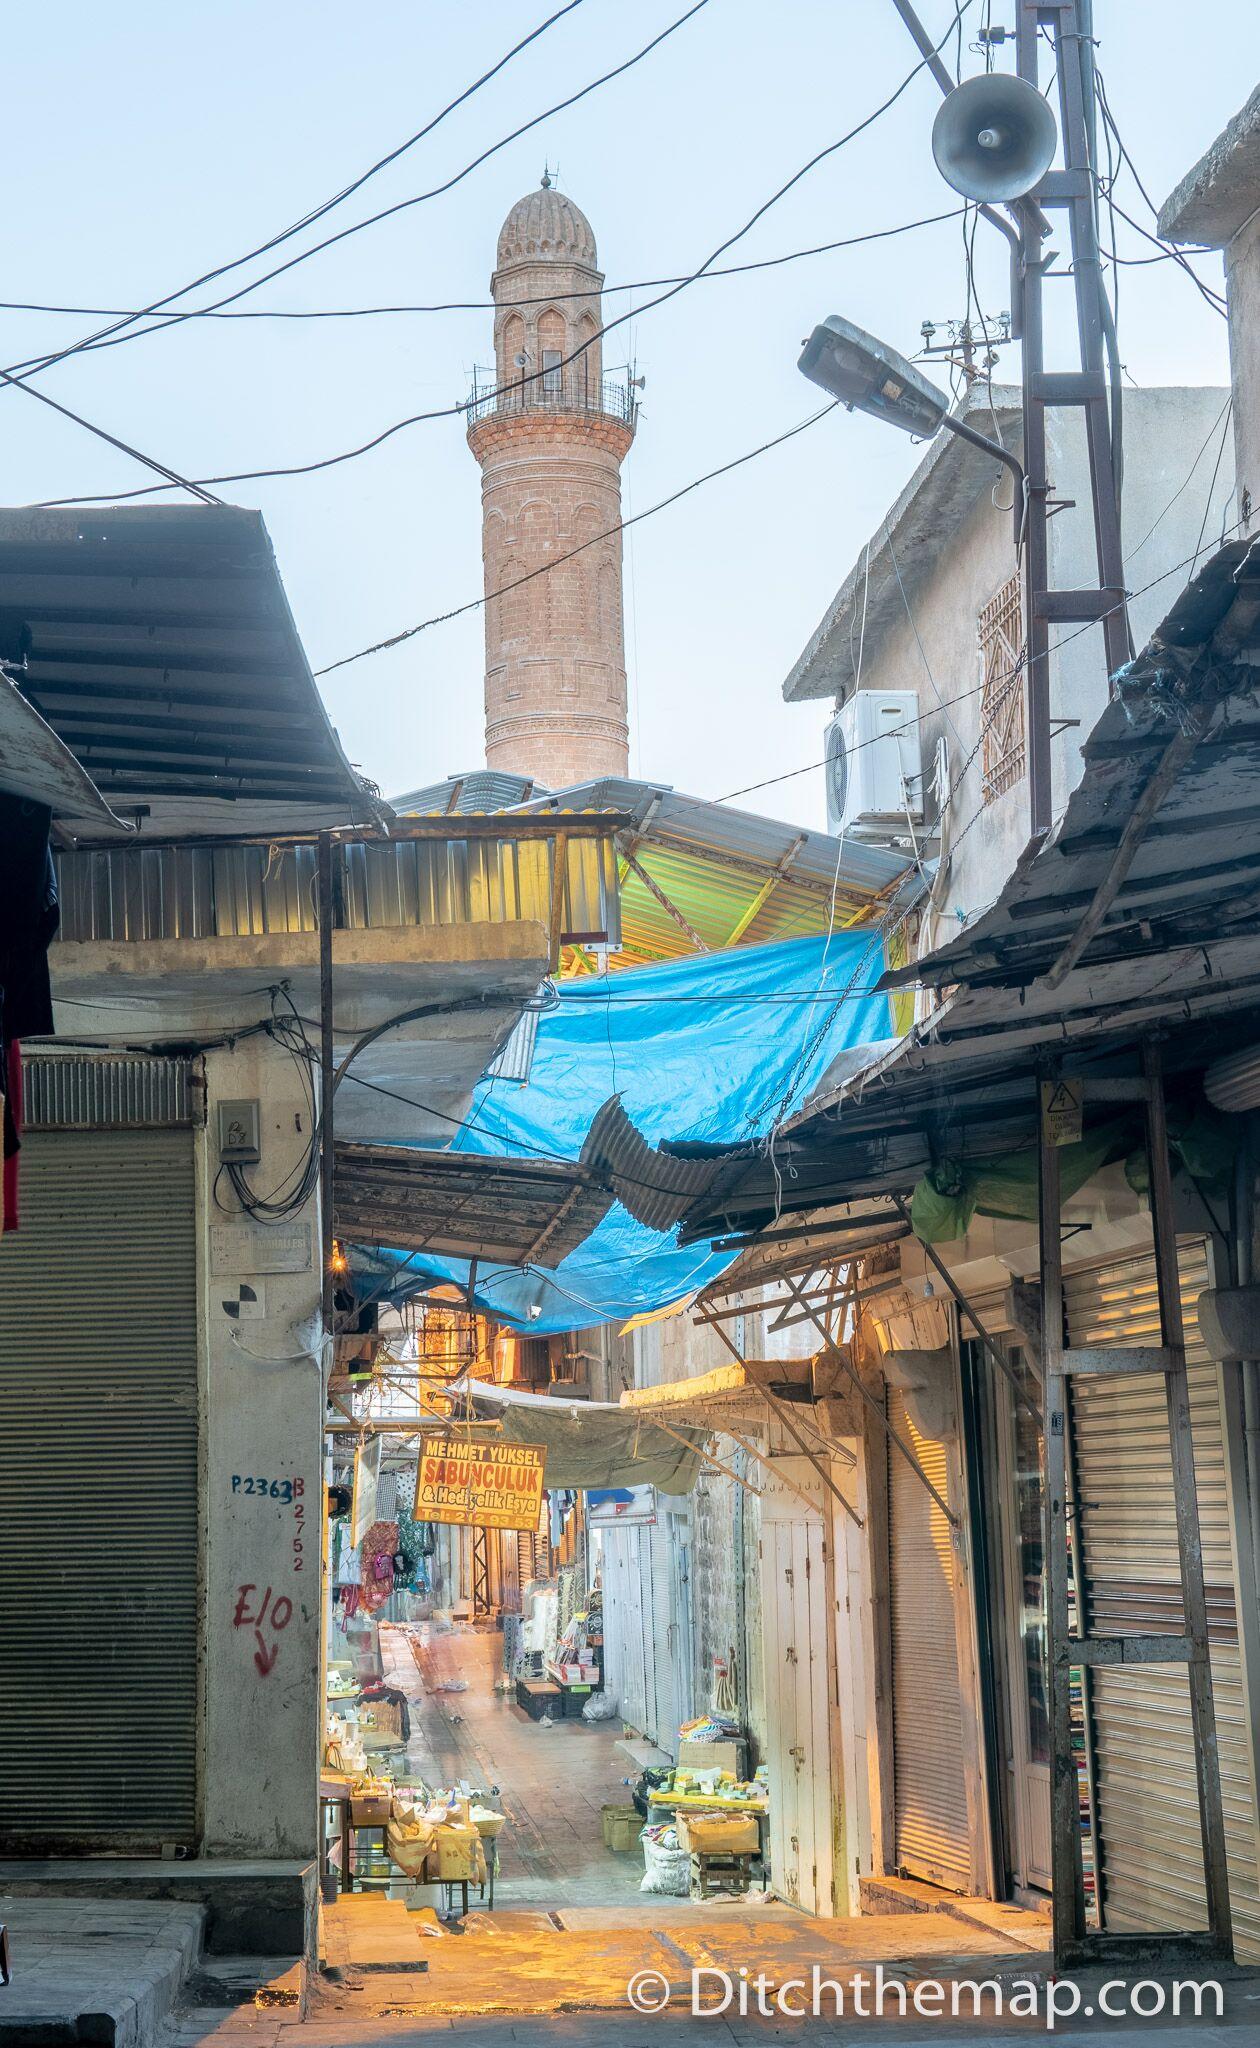 Shopping alley in Mardin, Turkey